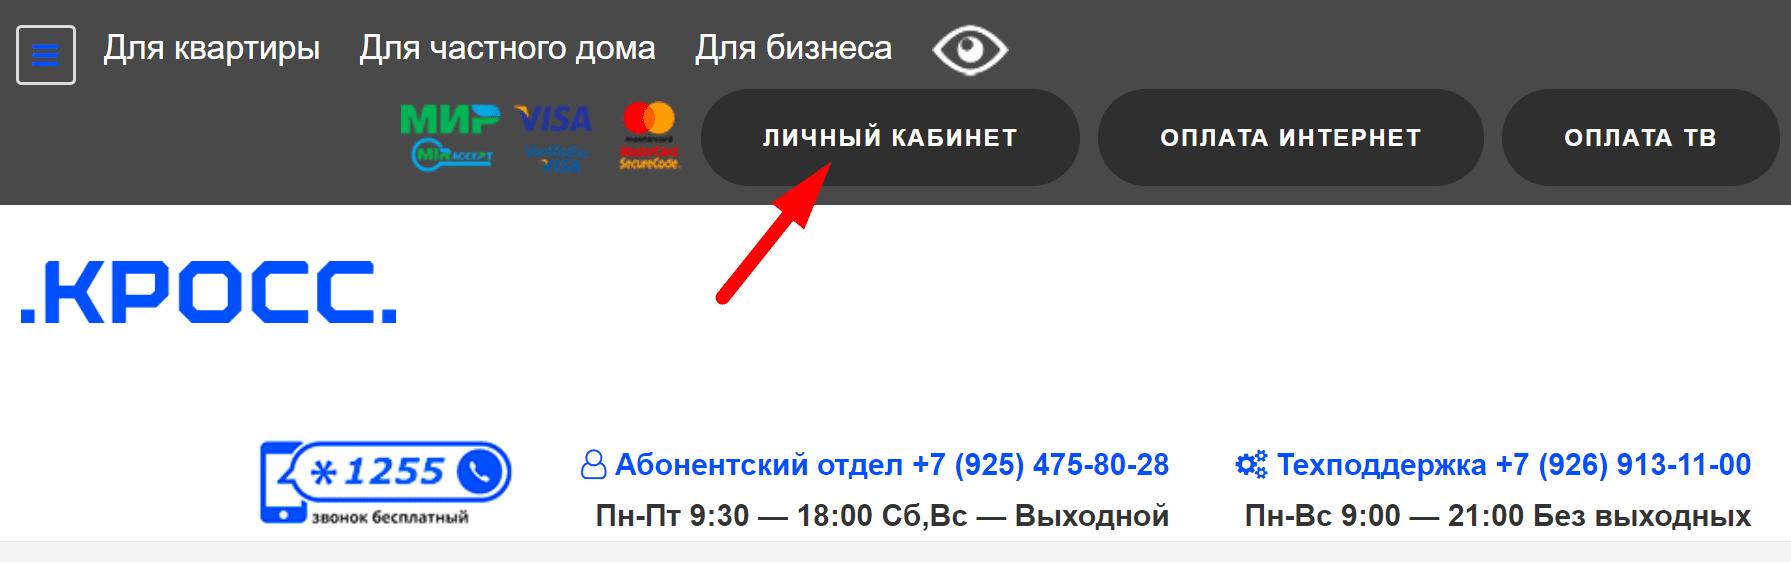 Ссылка на официальный сайт компании ООО «Кросс-Т»